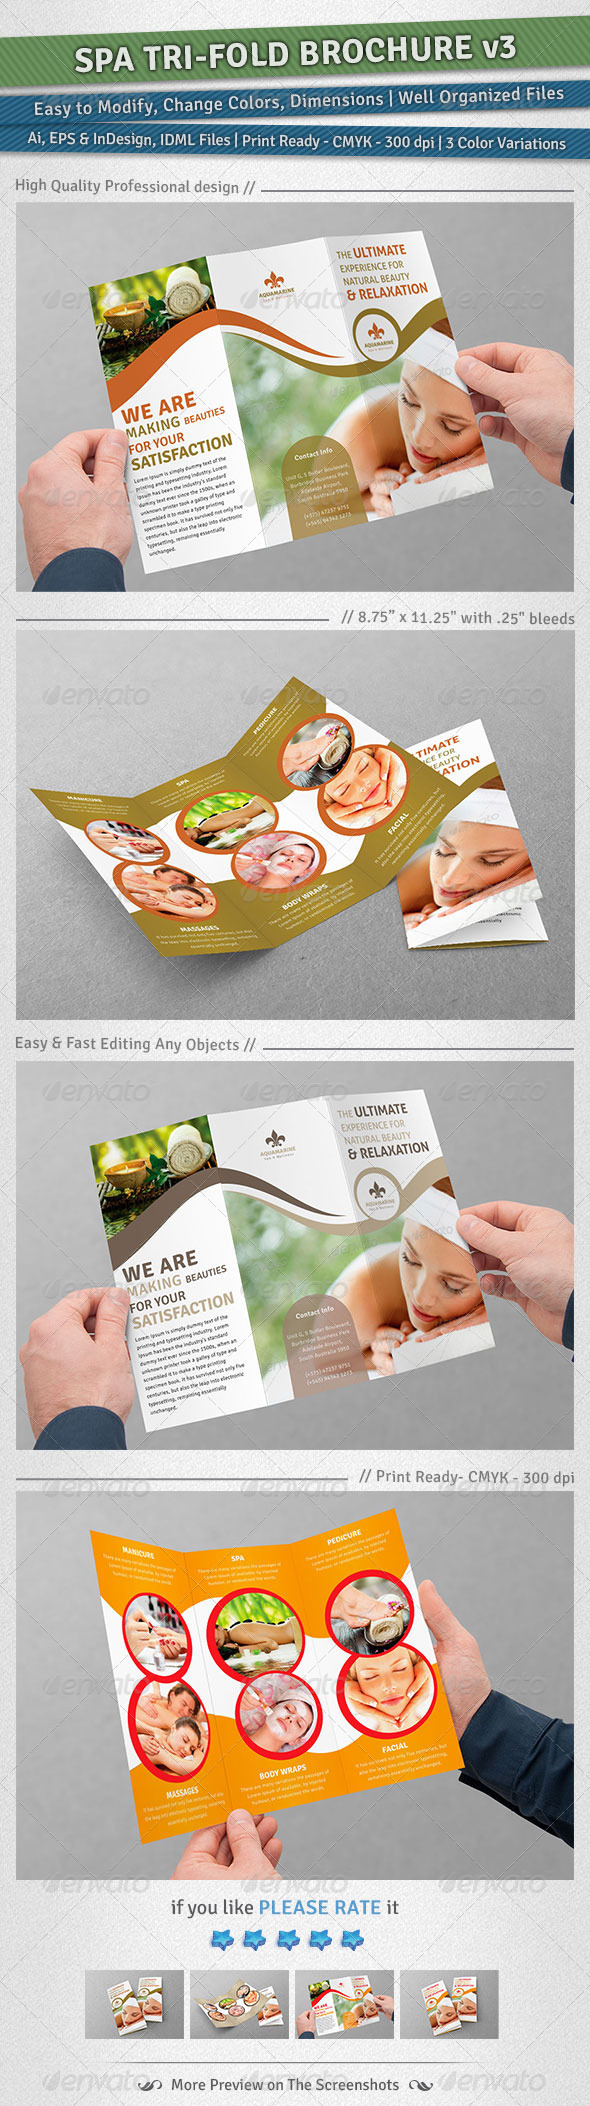 GraphicRiver Spa Tri-Fold Brochure Volume 3 5031213